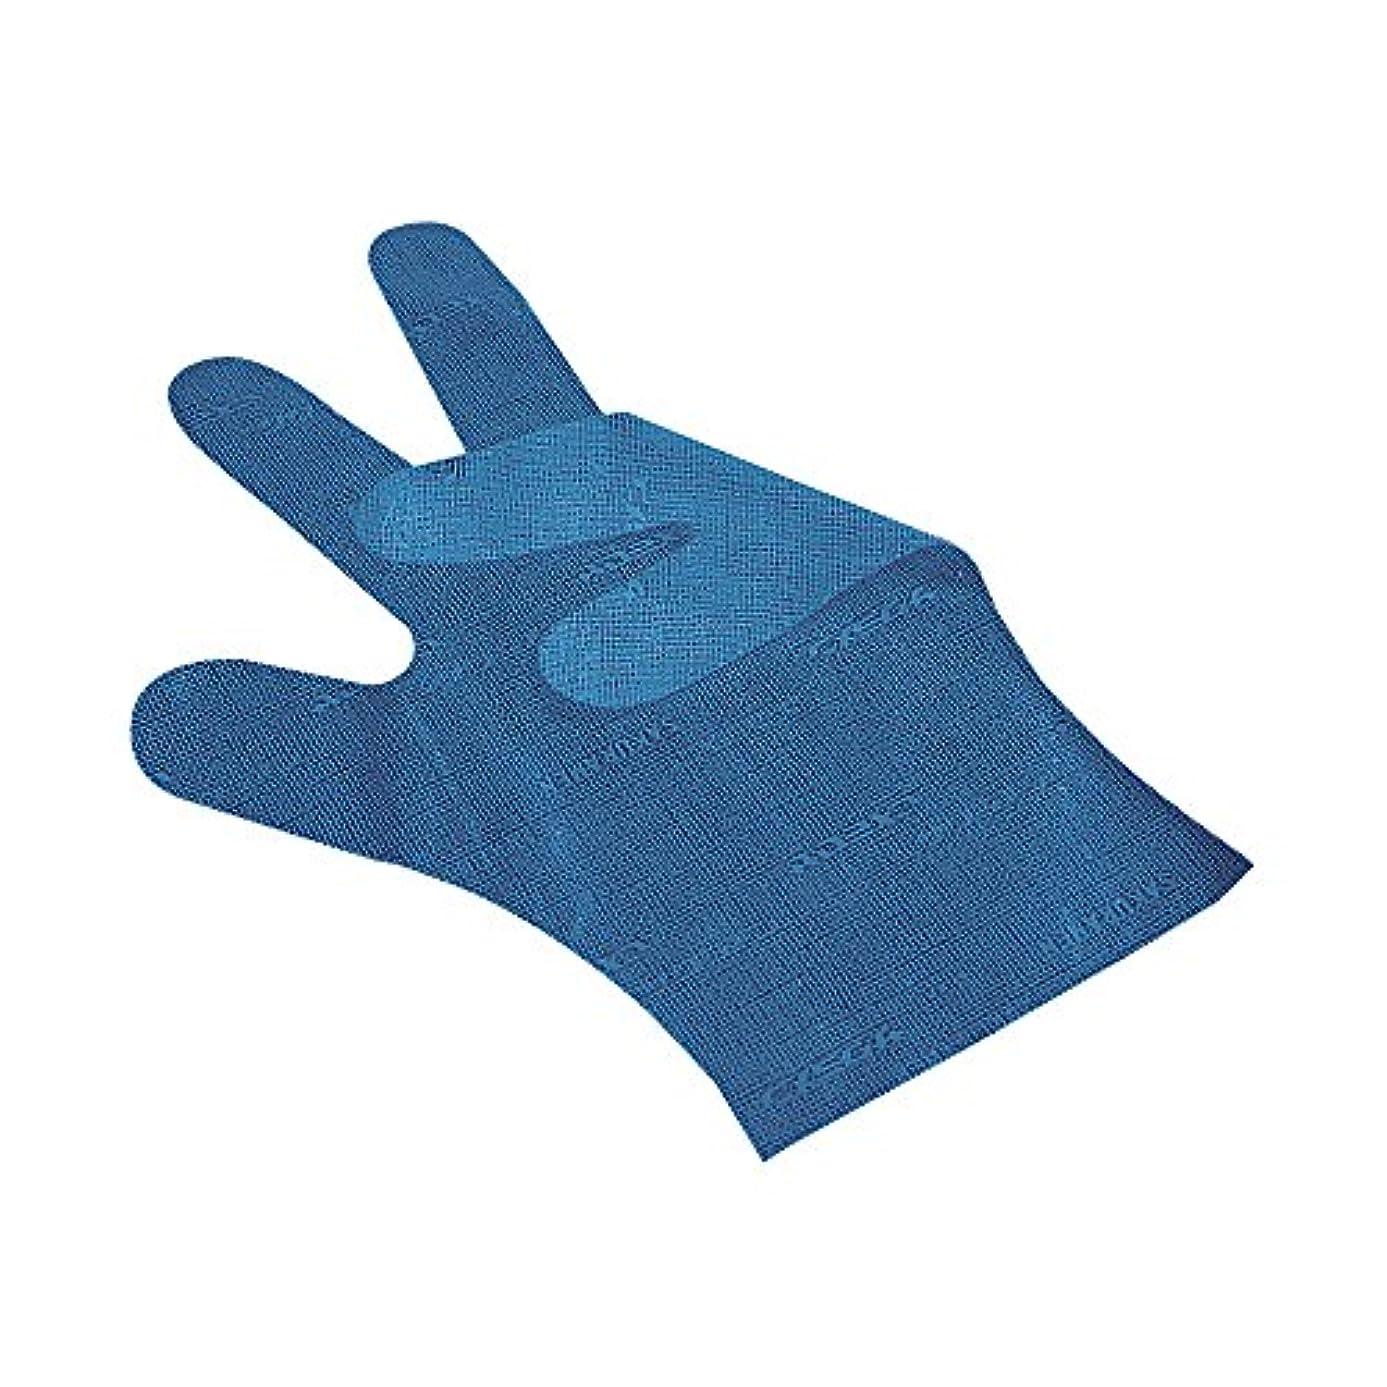 誘発する上記の頭と肩トランスペアレントサクラメンエンボス手袋 デラックス ブルー L 100枚入